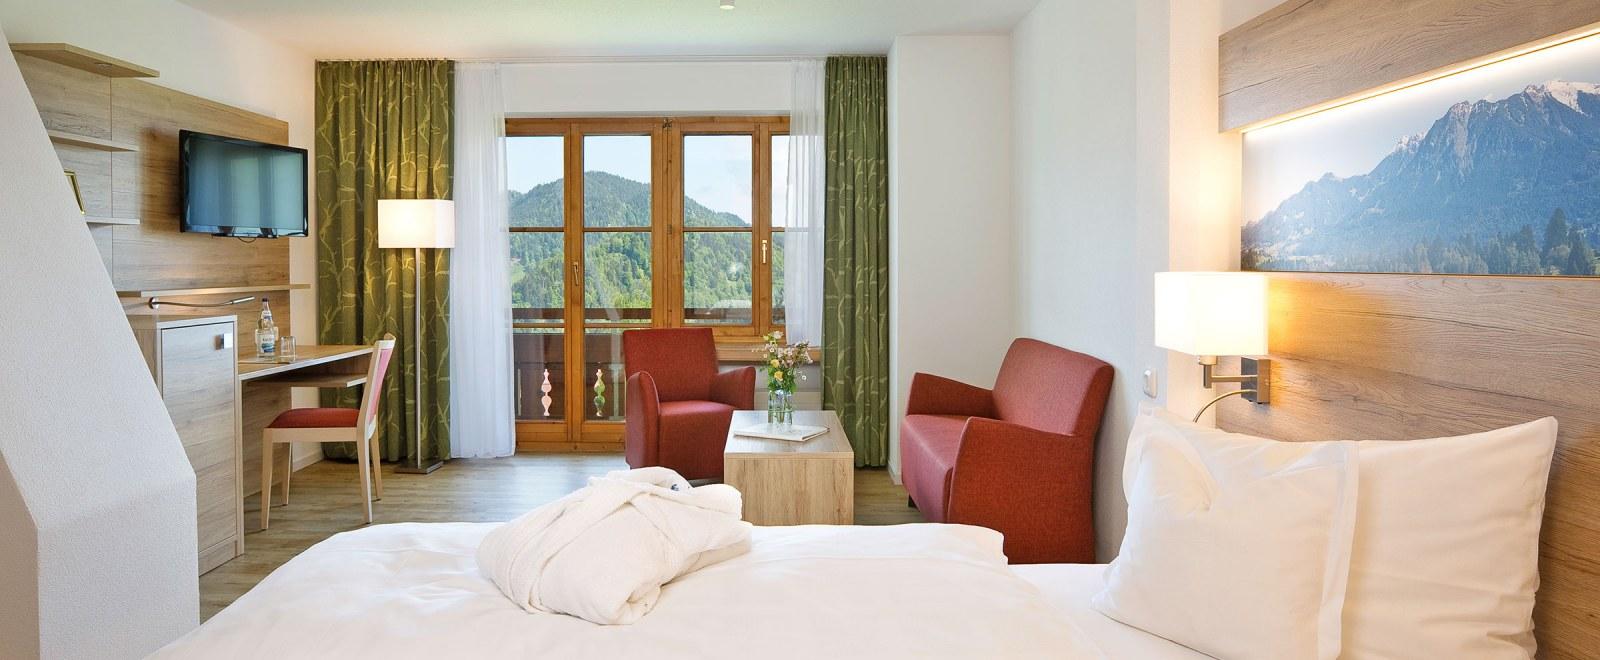 Komfortzimmer mit Bergblick